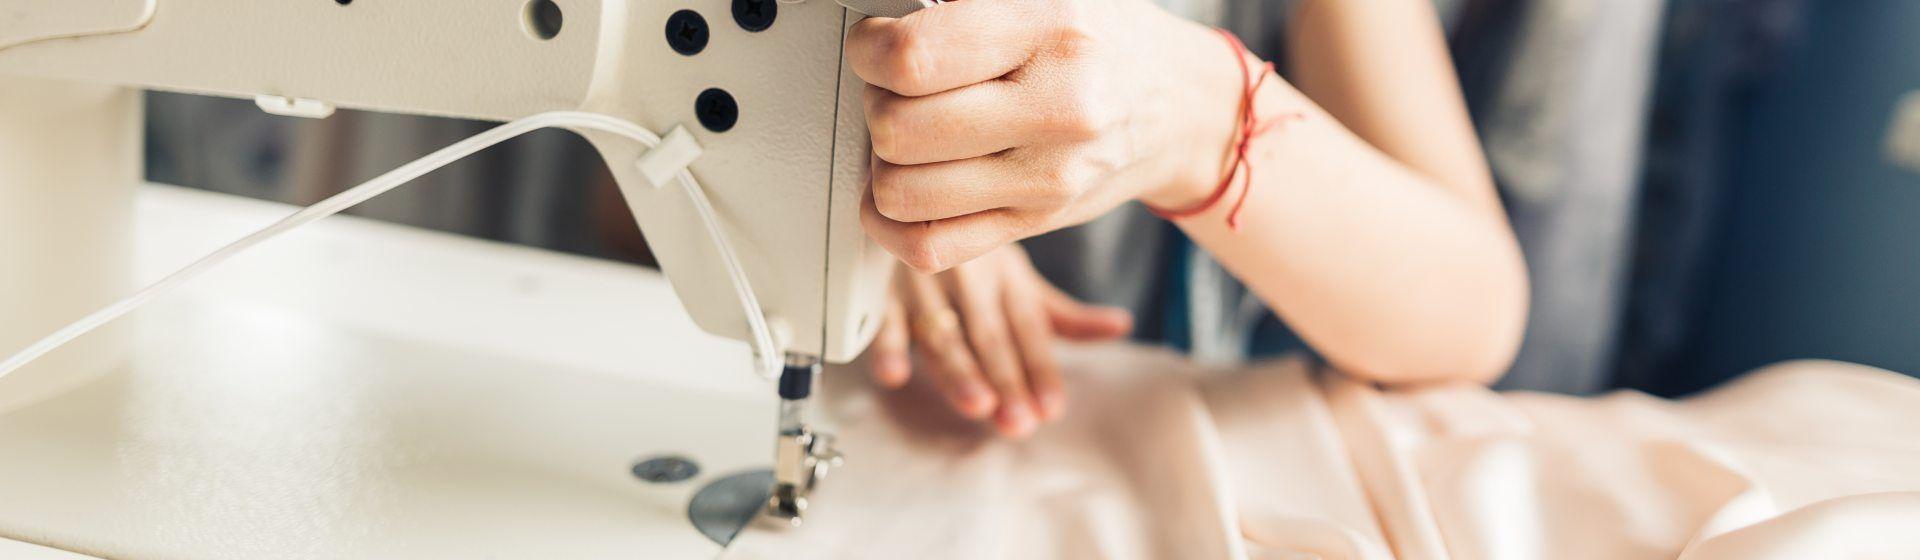 As 5 melhores máquinas de costura industrial em 2021